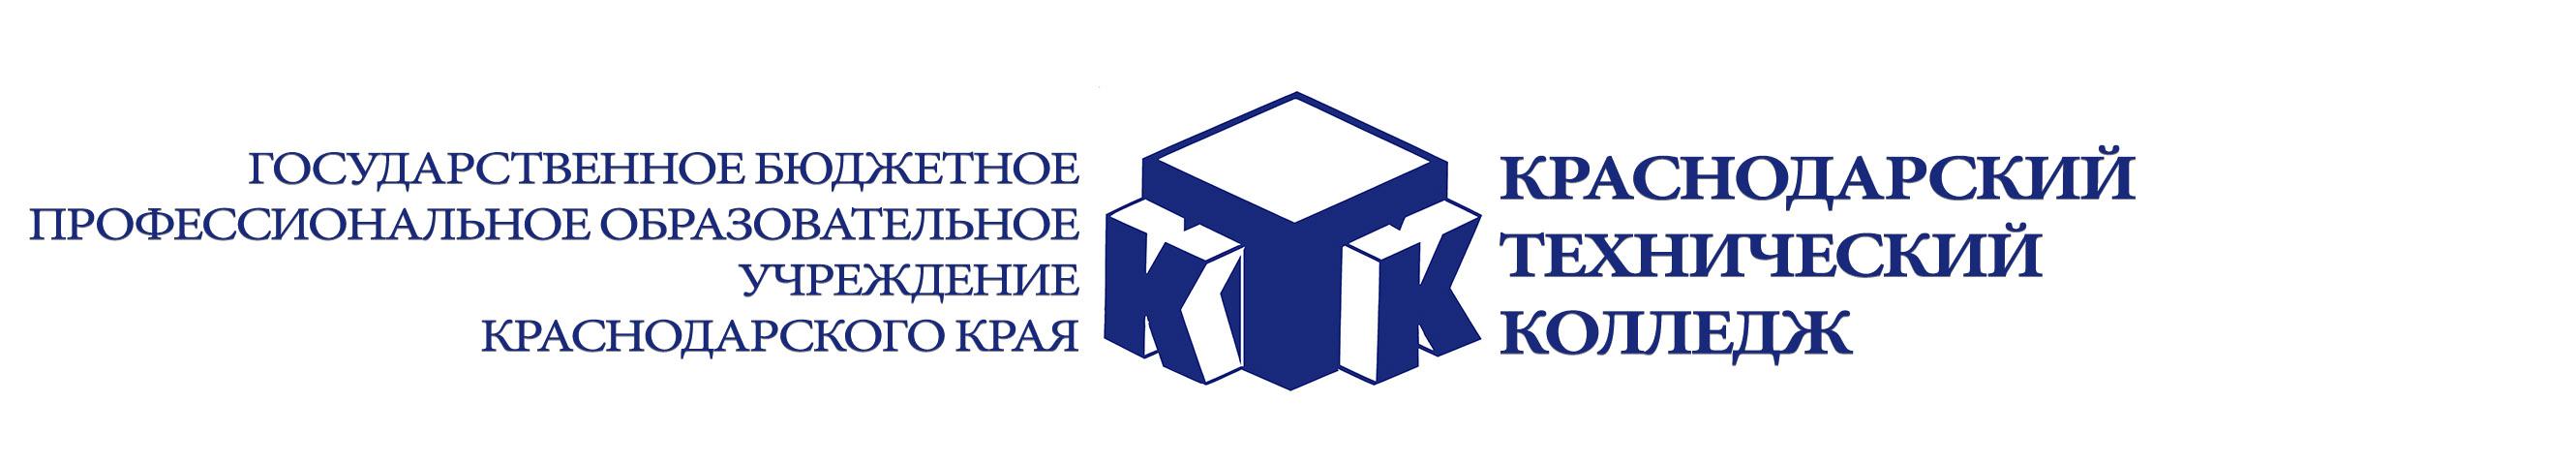 название образовательного учреждения